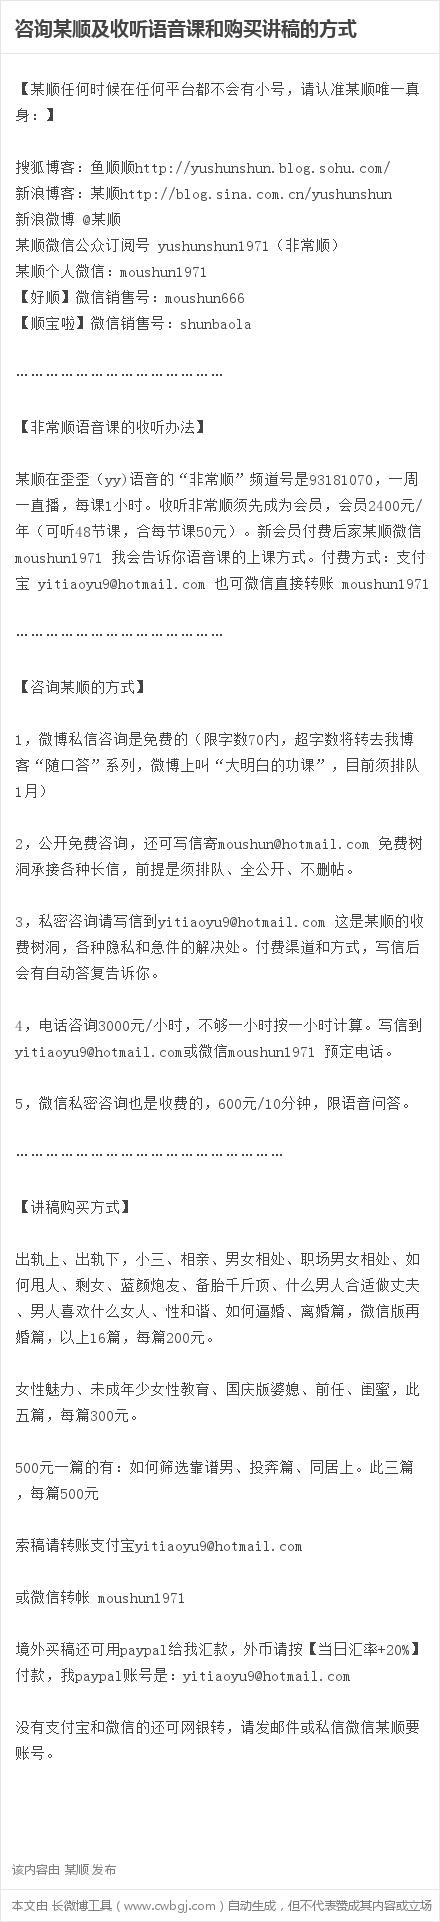 顺口答二二九九 - yushunshun - 鱼顺顺的博客